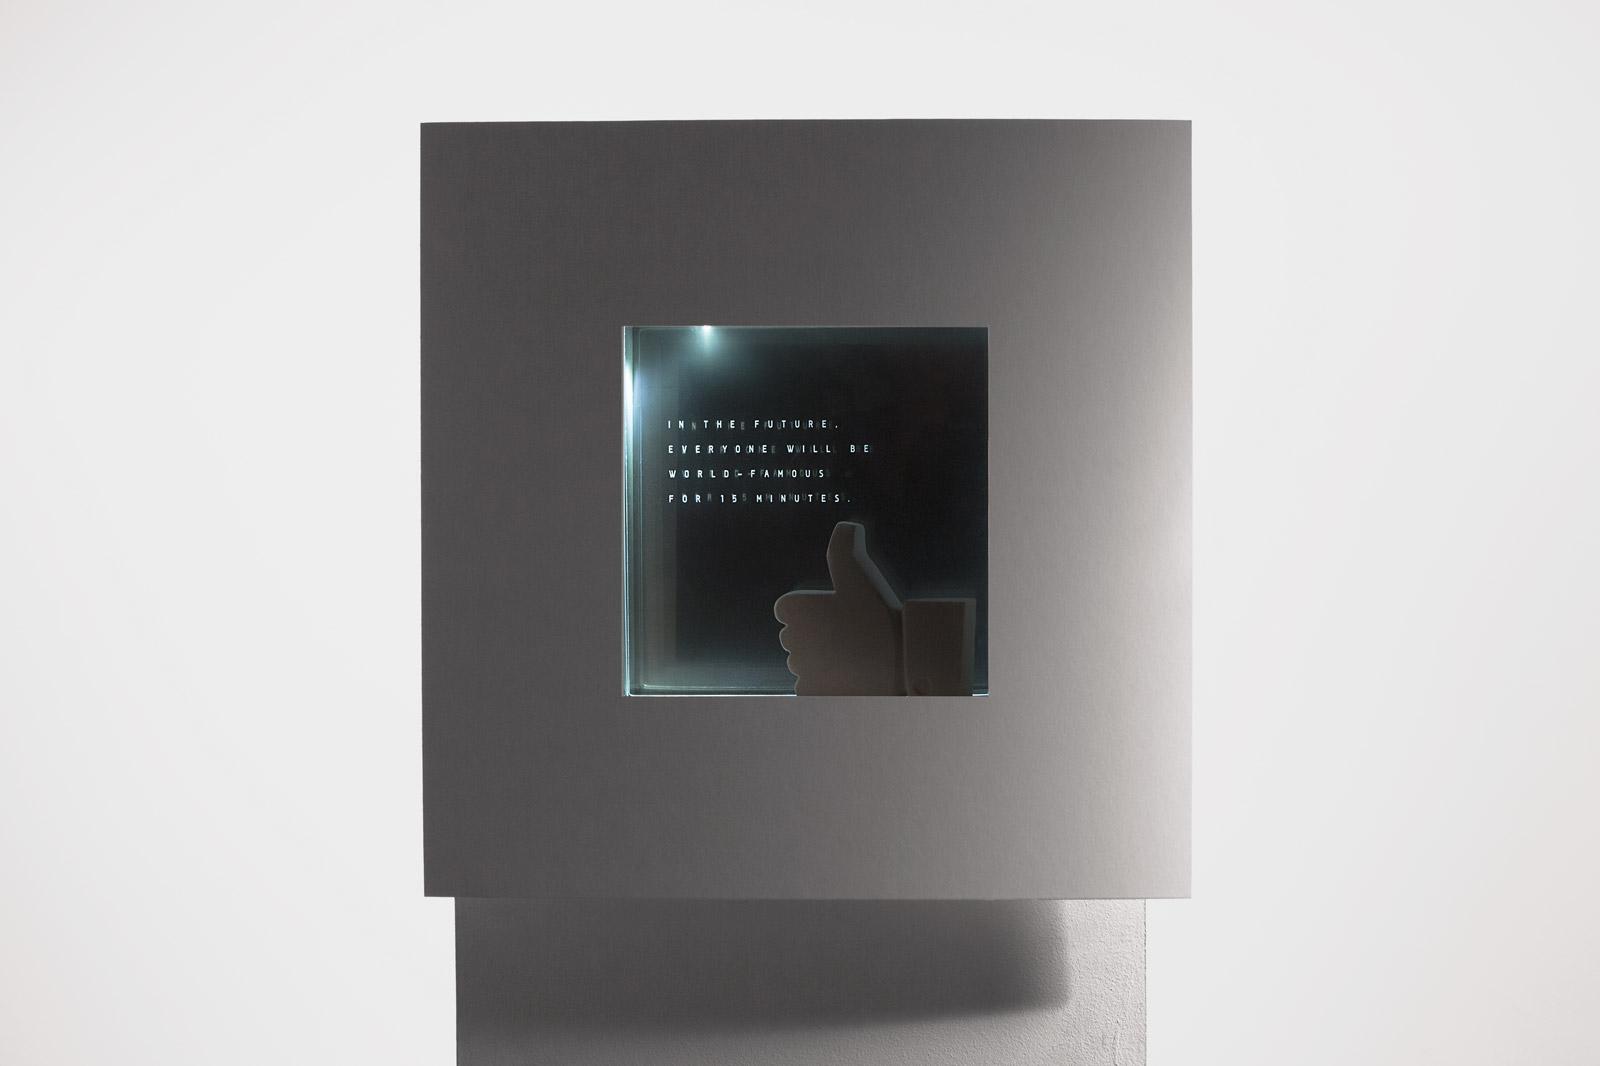 diorama-frontansicht